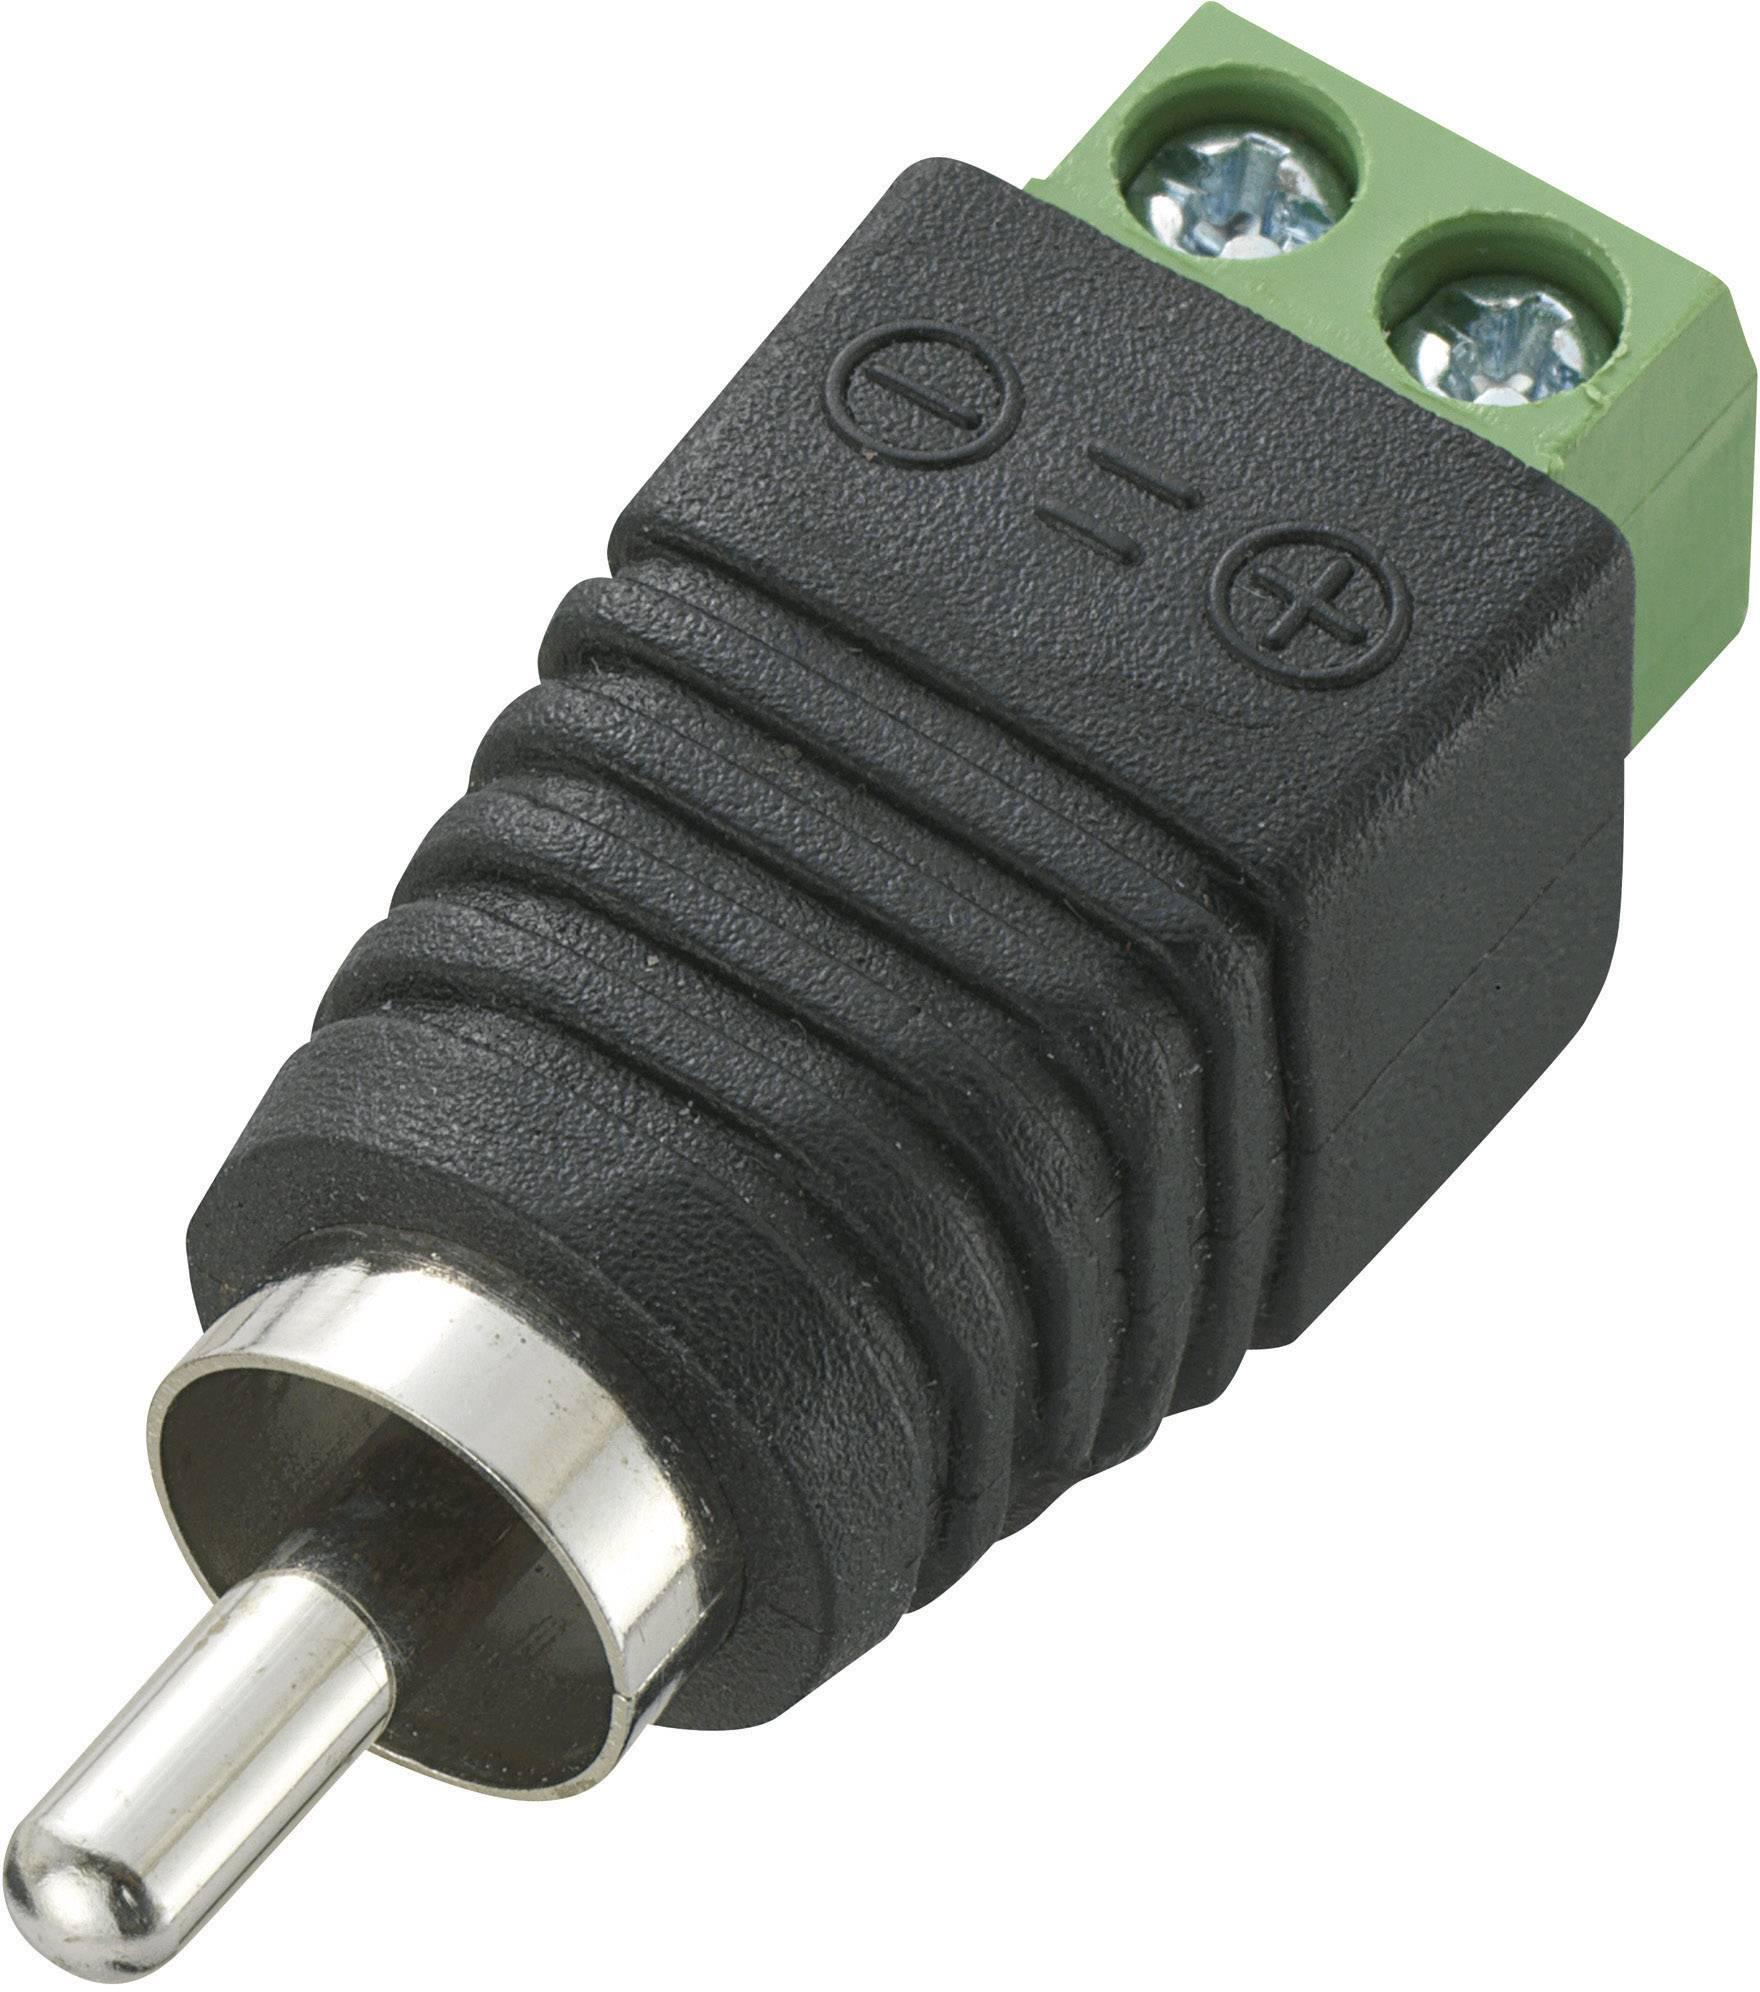 Cinch konektor zástrčka, rovná Počet pólů: 2 černá LT-RAC-DC